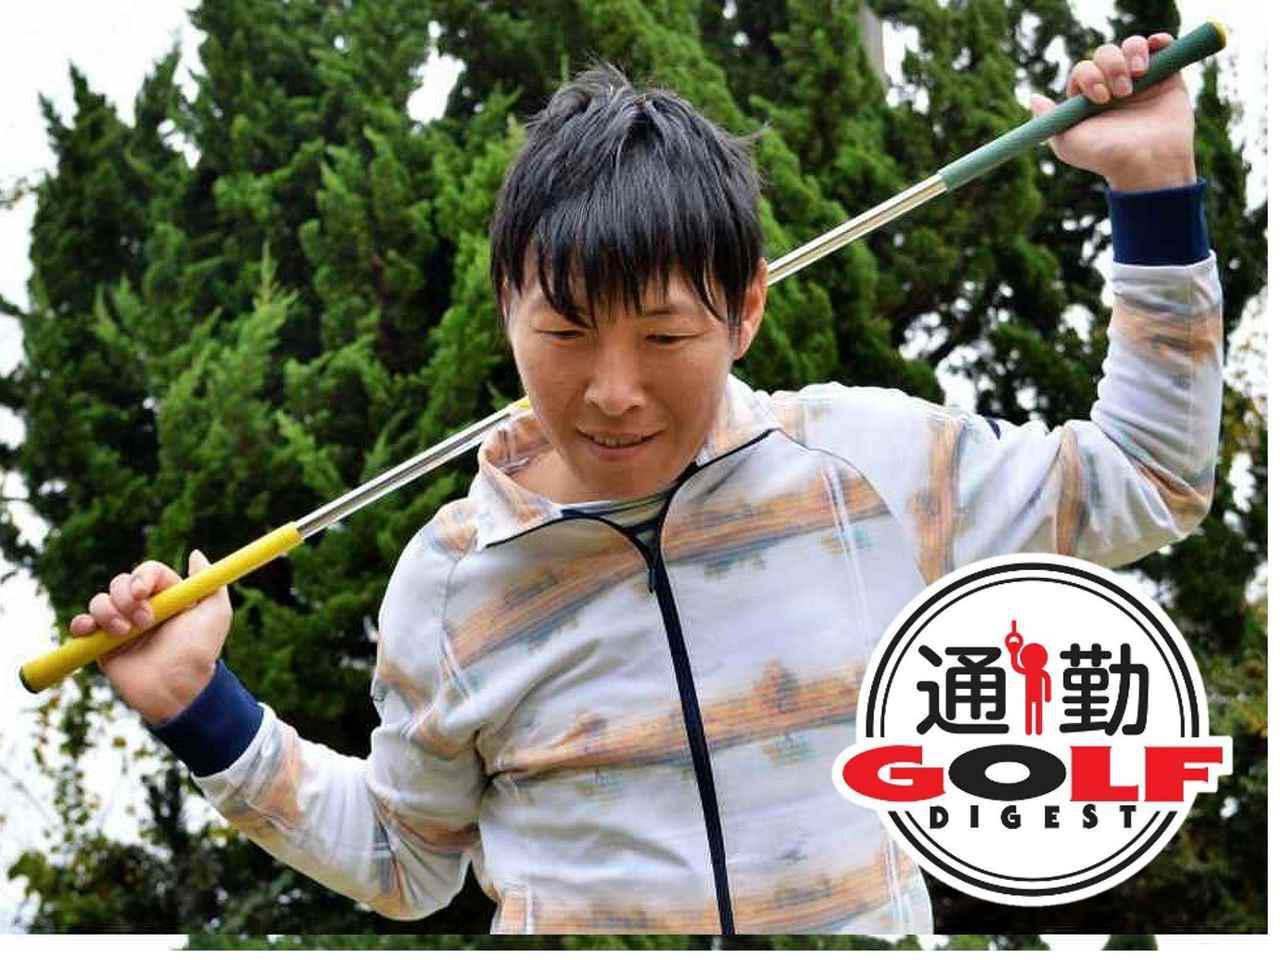 """画像: 【通勤GD】遊ぶつもりでやってみて! Vol.11 飛距離アップに欠かせない""""ニノミヤ体操"""" ゴルフダイジェストWEB - ゴルフへ行こうWEB by ゴルフダイジェスト"""